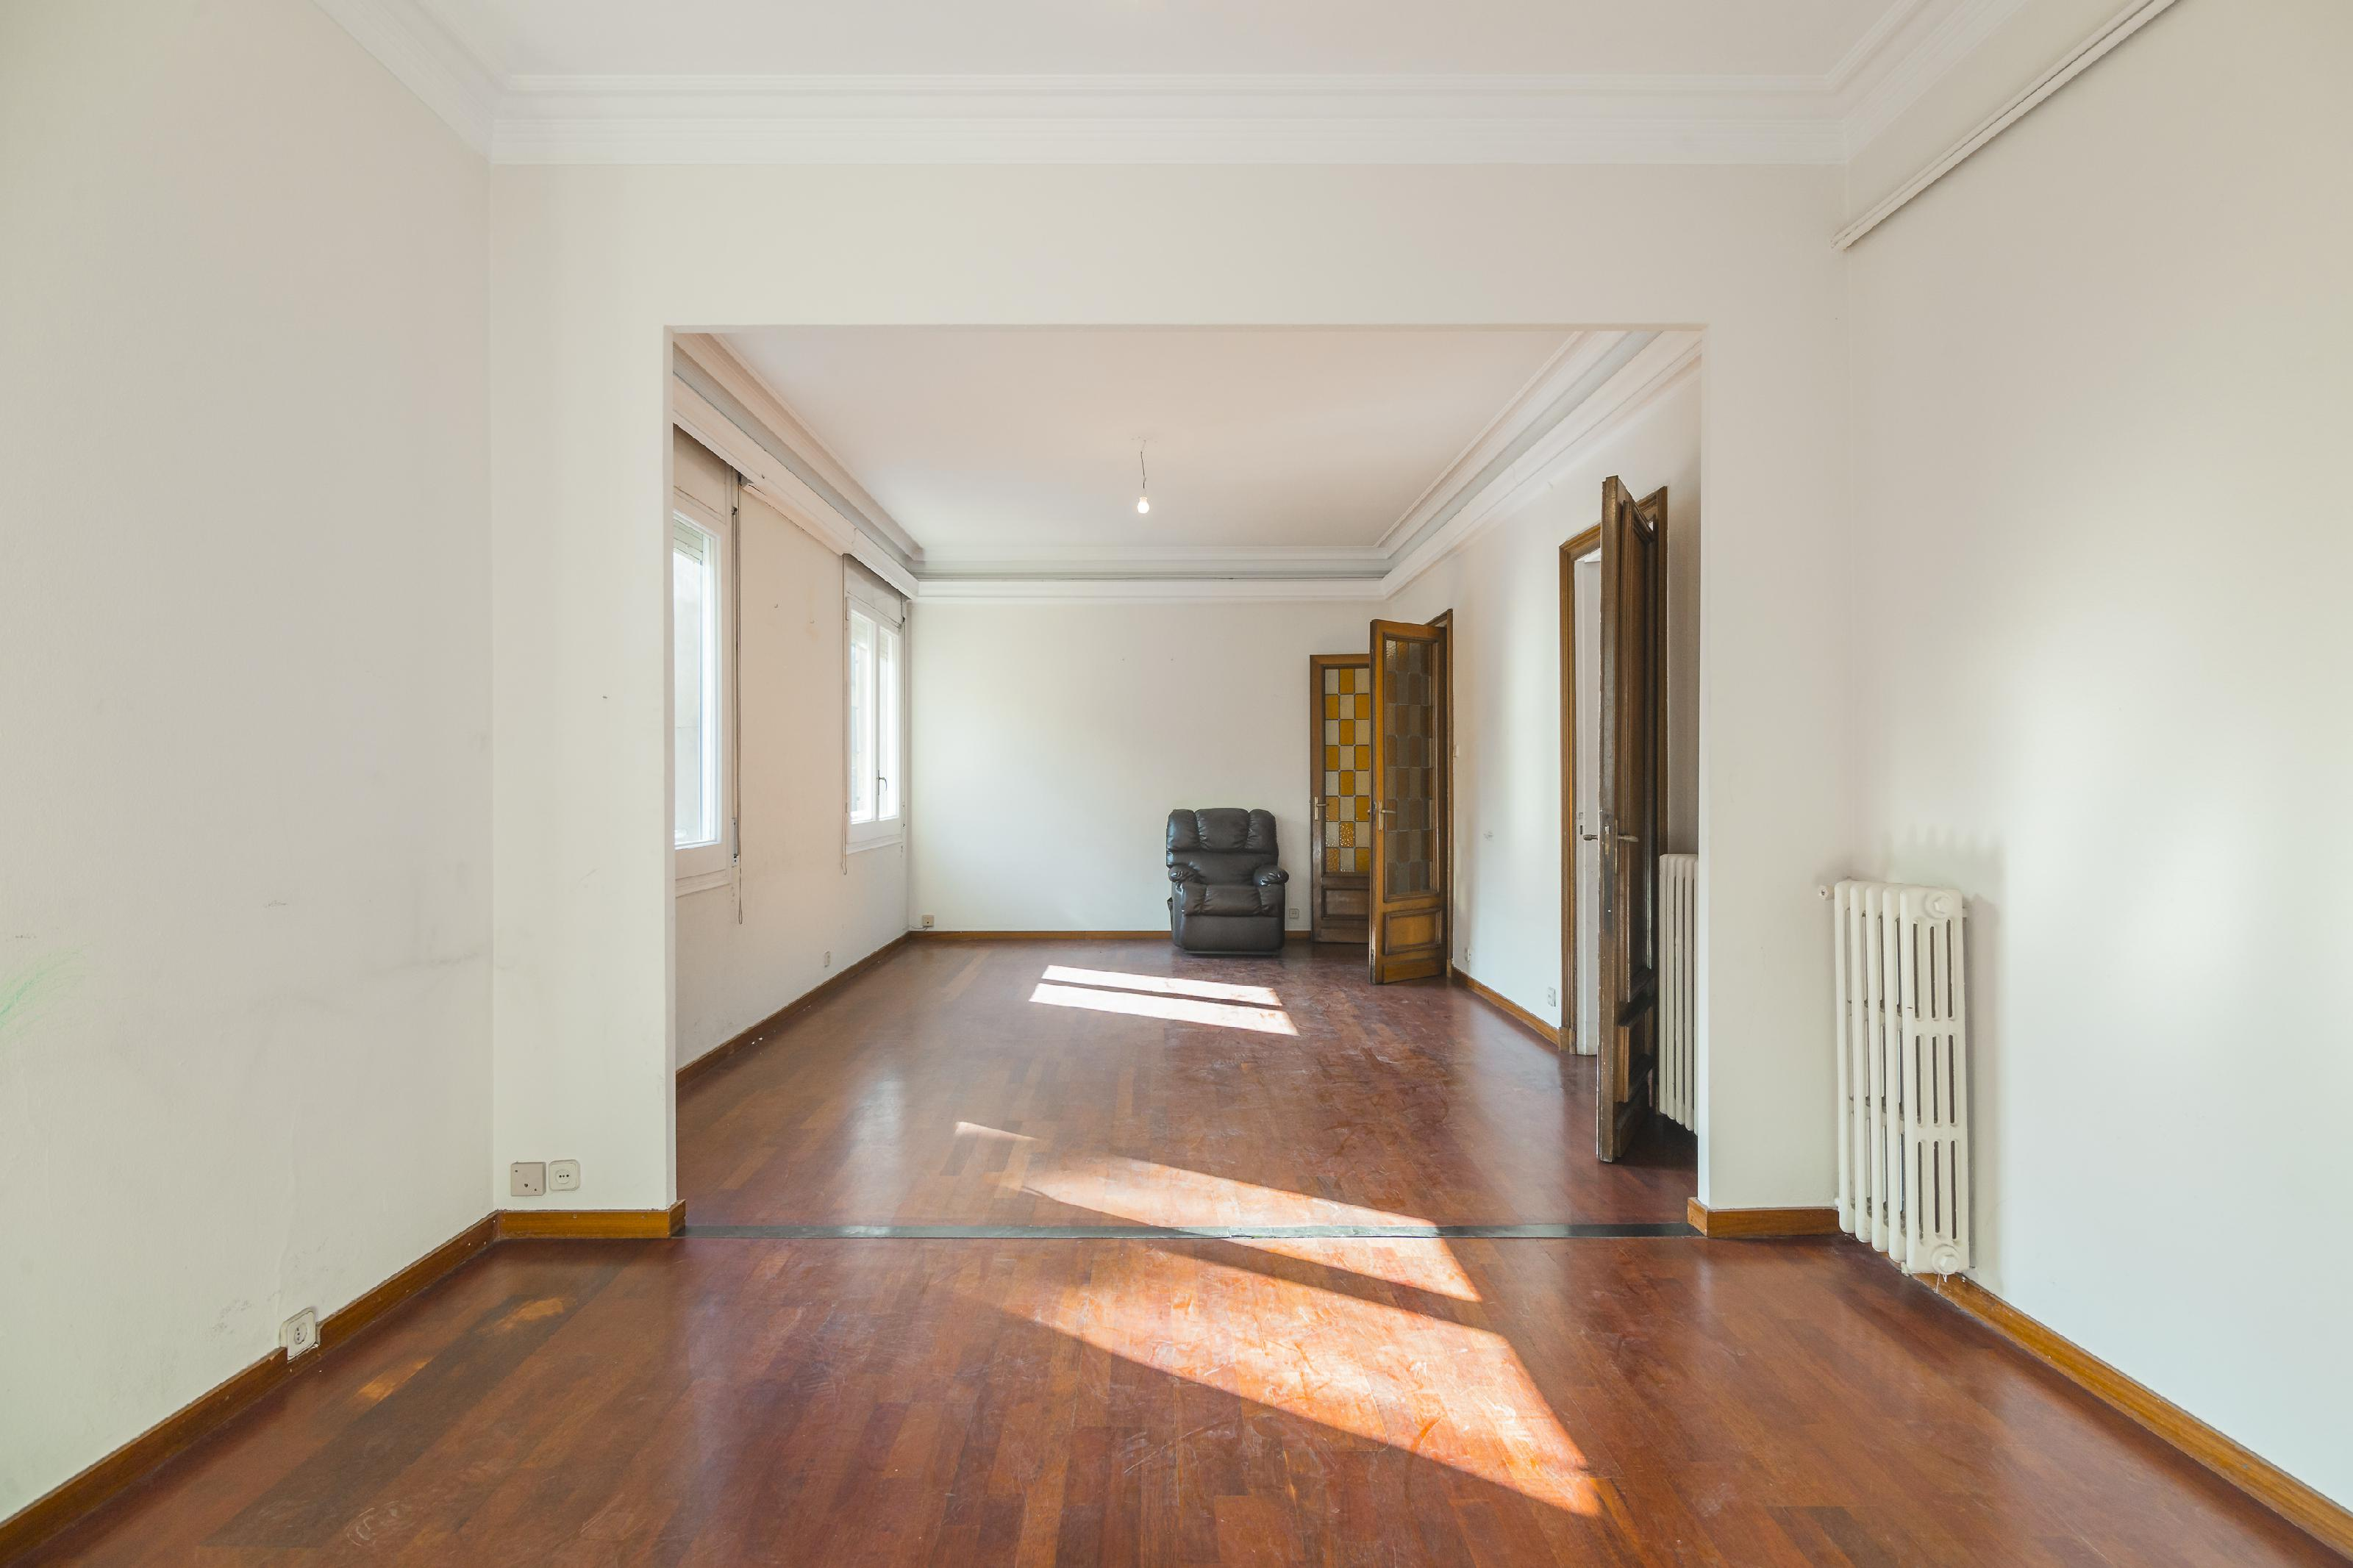 246347 Flat for sale in Sarrià-Sant Gervasi, St. Gervasi-Bonanova 10